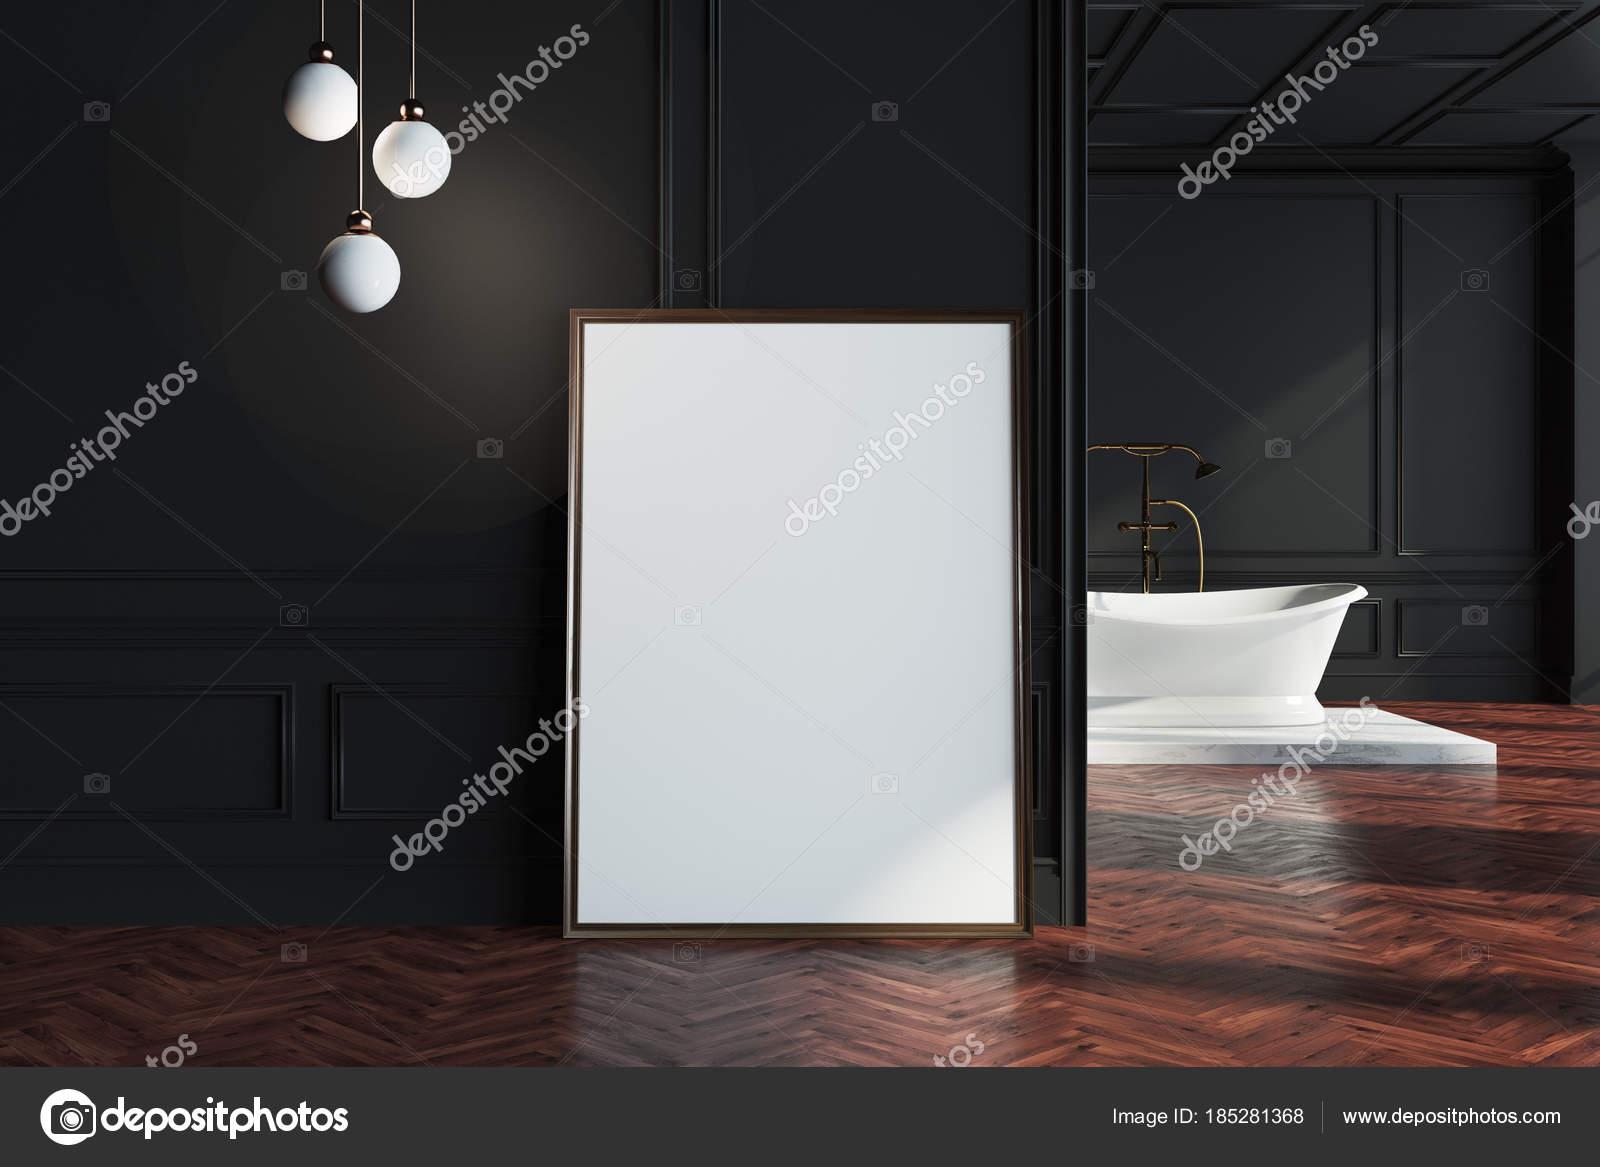 Salle De Bain Mur Noir ~ salle de bain mur noir affiche pr s du mur photographie